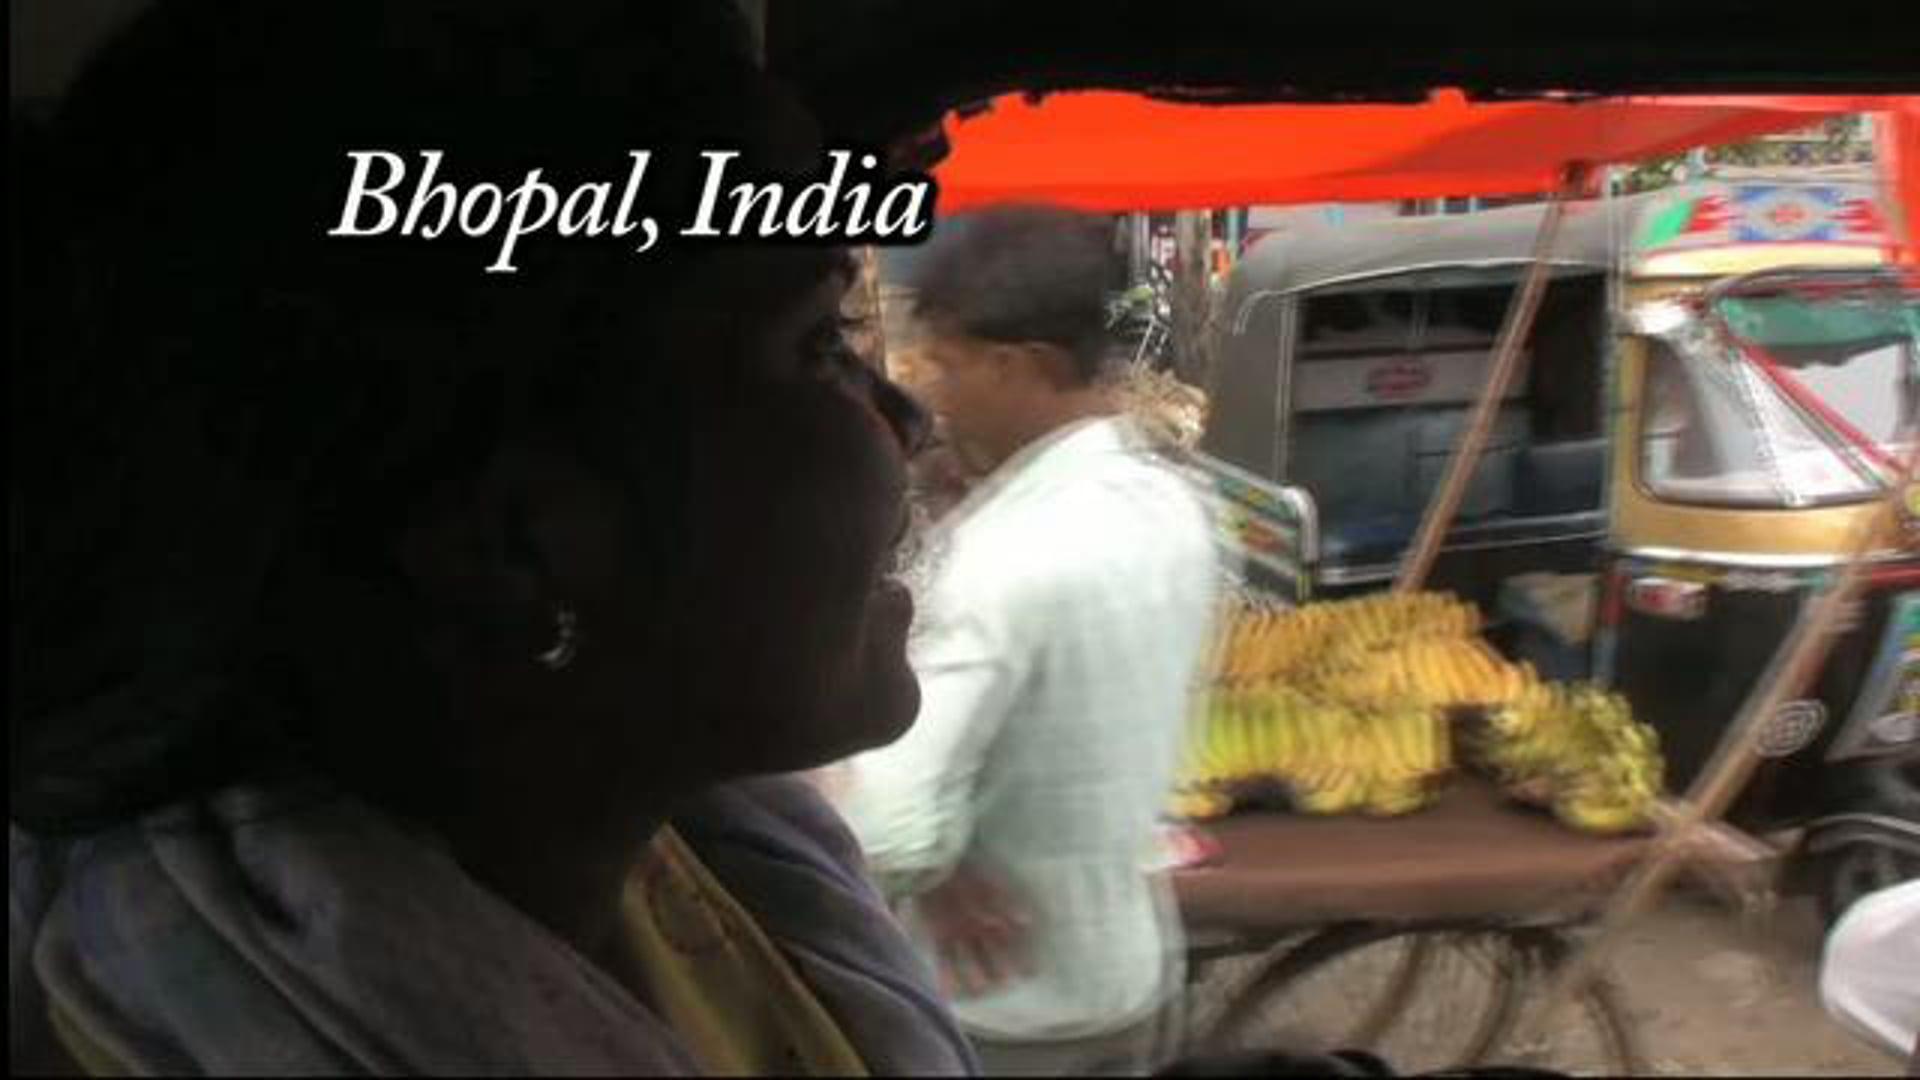 BHOPAL LIVES